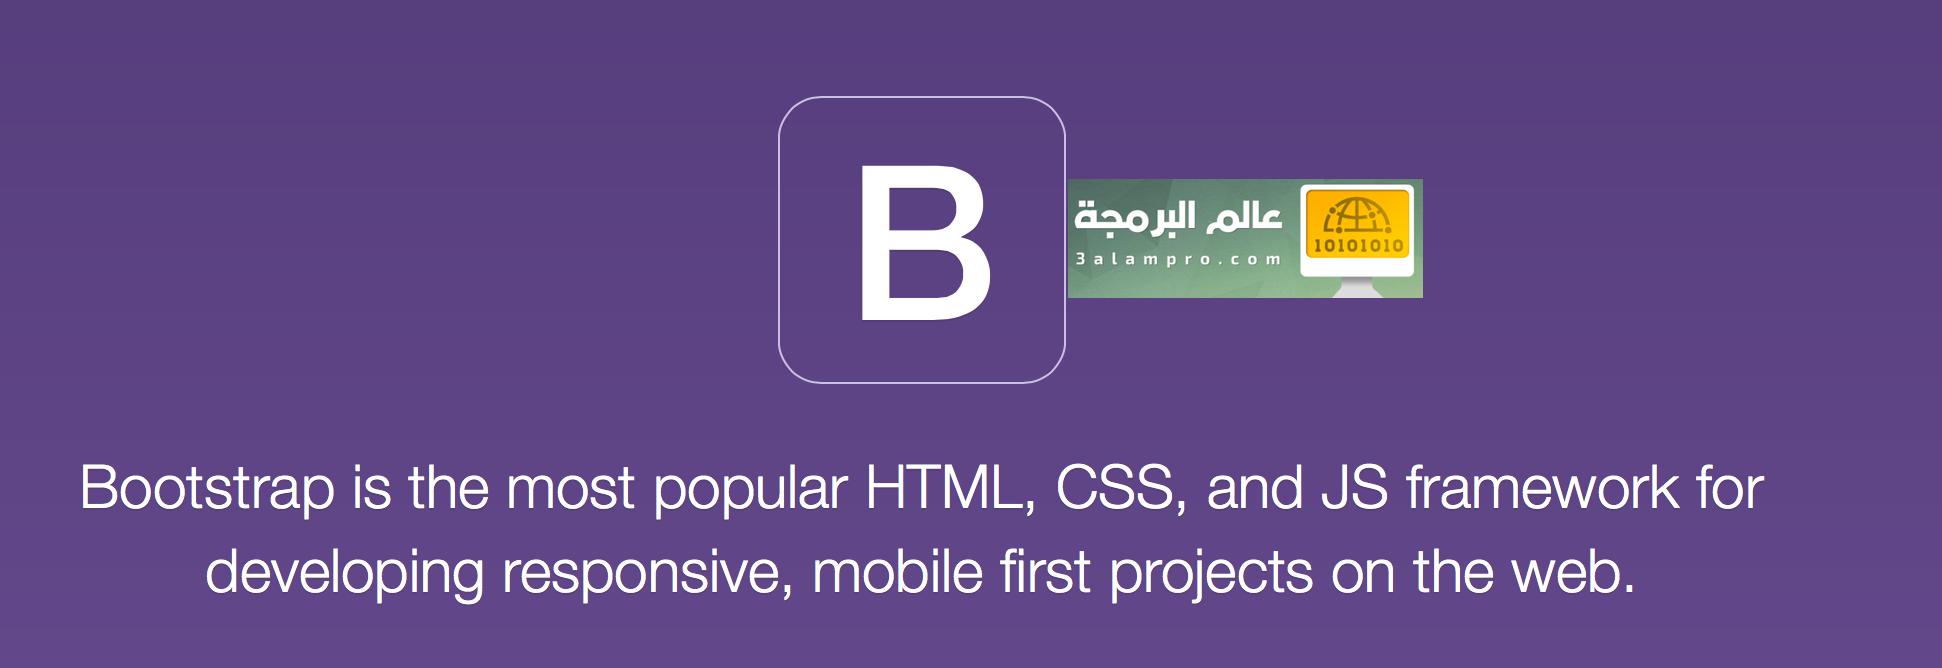 تعرف على جديد Bootstrap 4